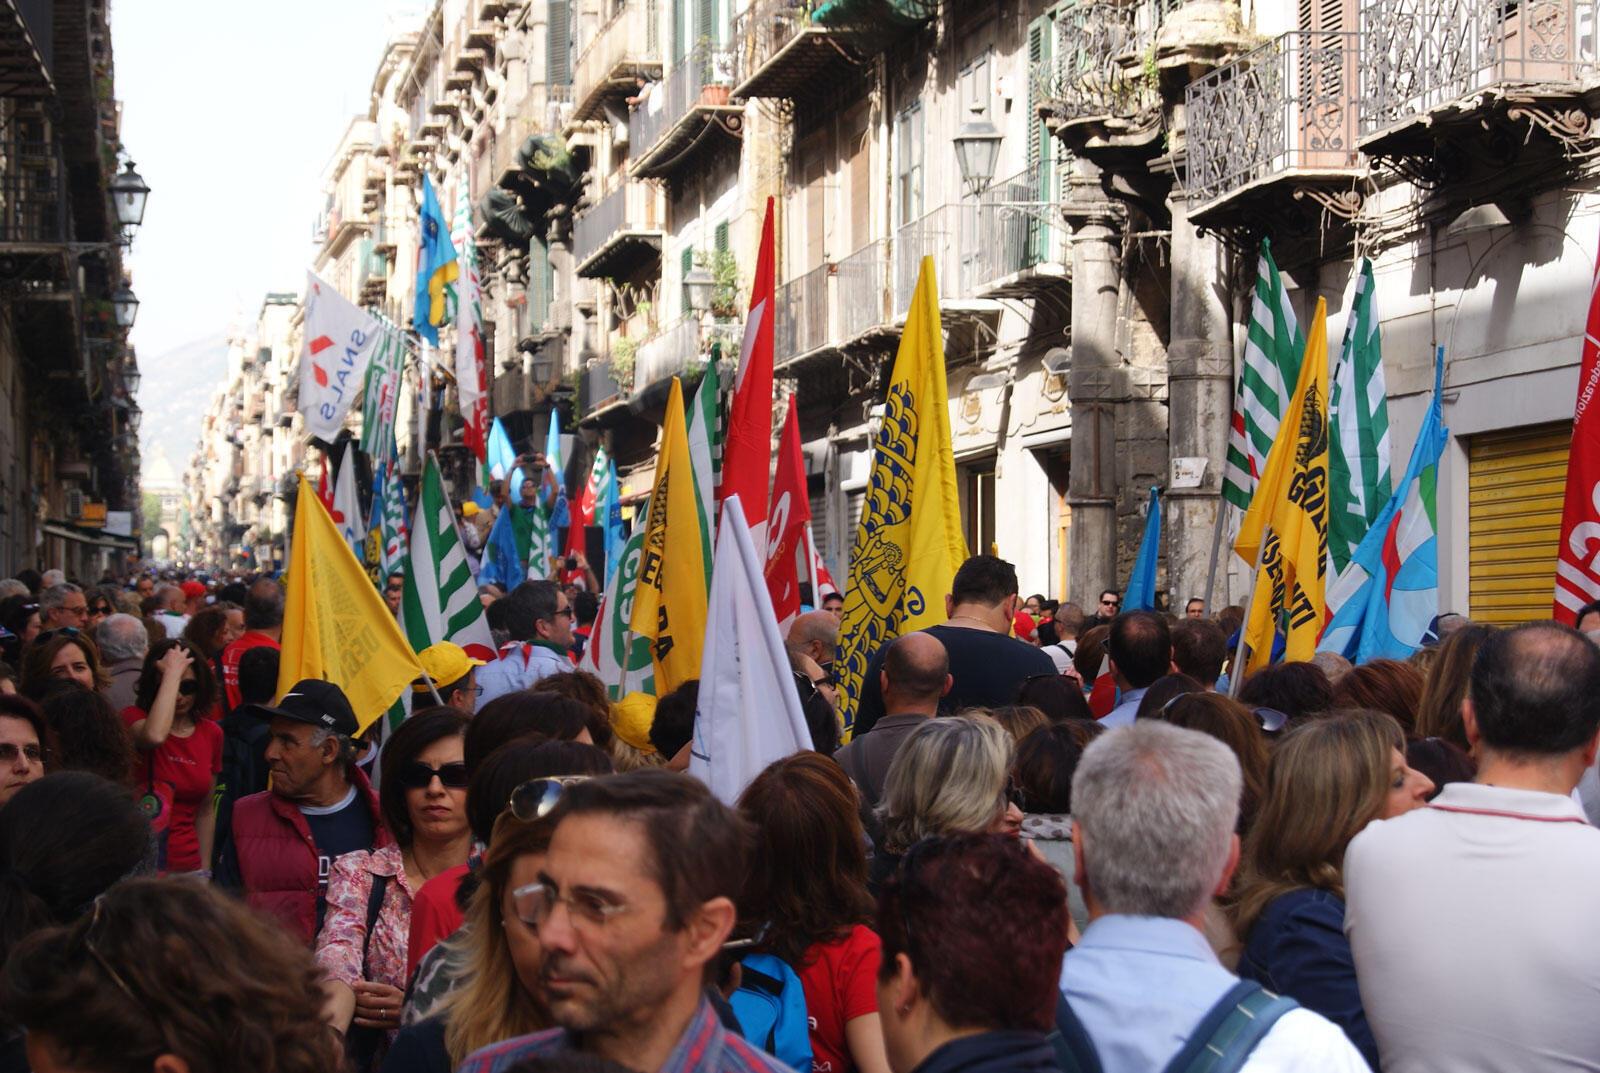 A Palerme, une foule colorée mais très remontée défilait la semaine dernière contre la réforme de Matteo Renzi la « Buona Scuola ».